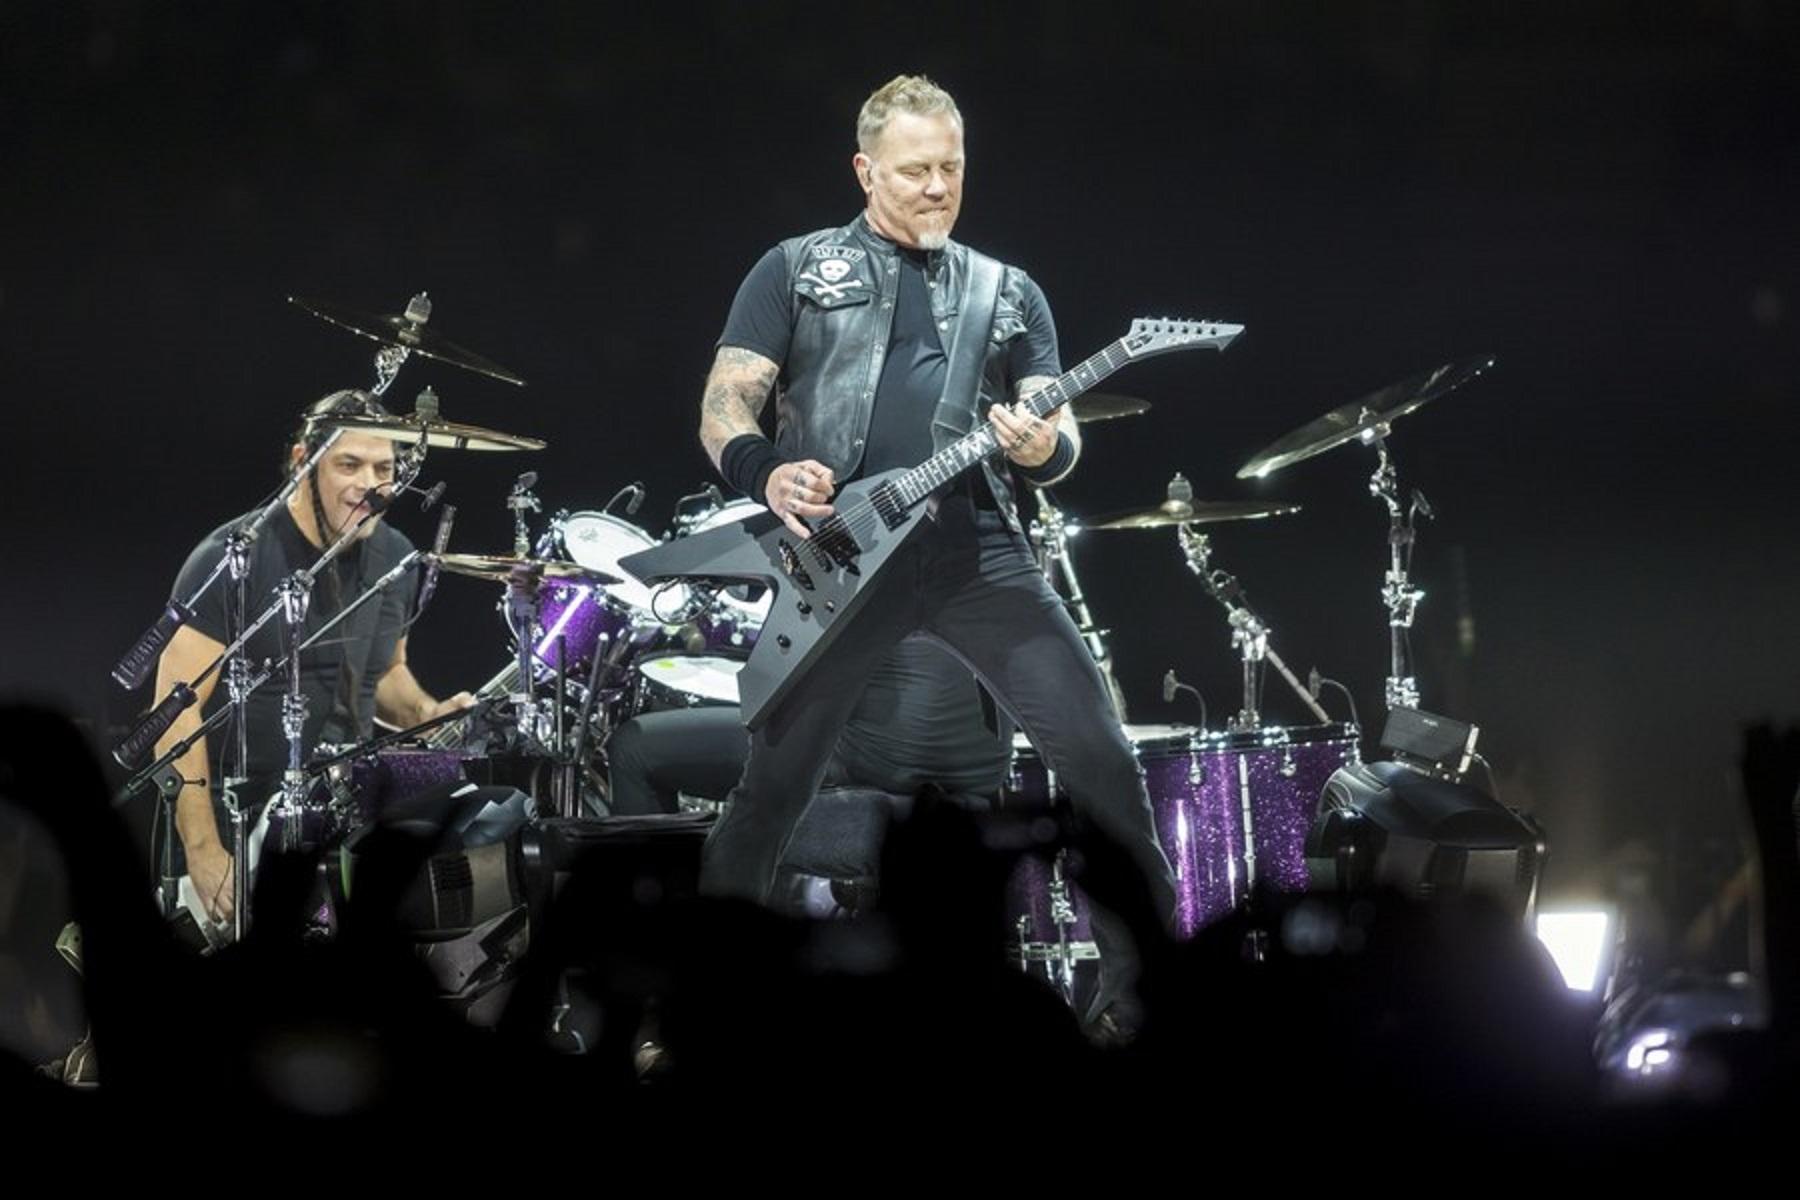 Τεράστιοι Metallica! Δώρισαν 250.000 ευρώ σε ογκολογικό παιδικό νοσοκομείο!